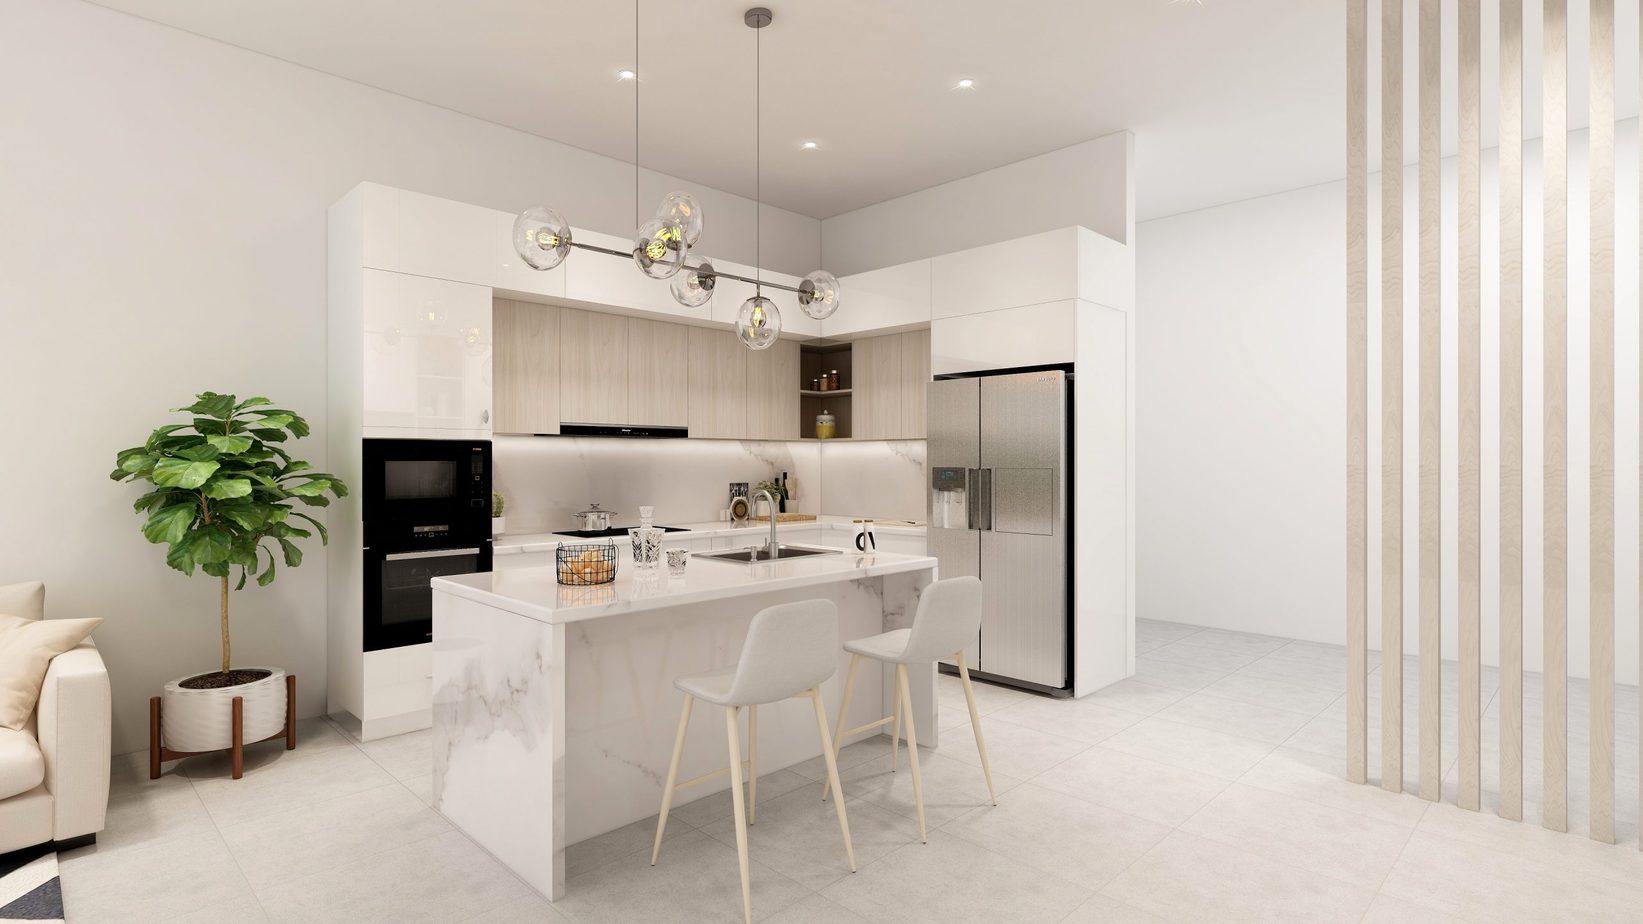 Căn bếp tuy nhỏ nhưng vẫn được trang bị đầy đủ nội thất tiện nghi, hiện đại.